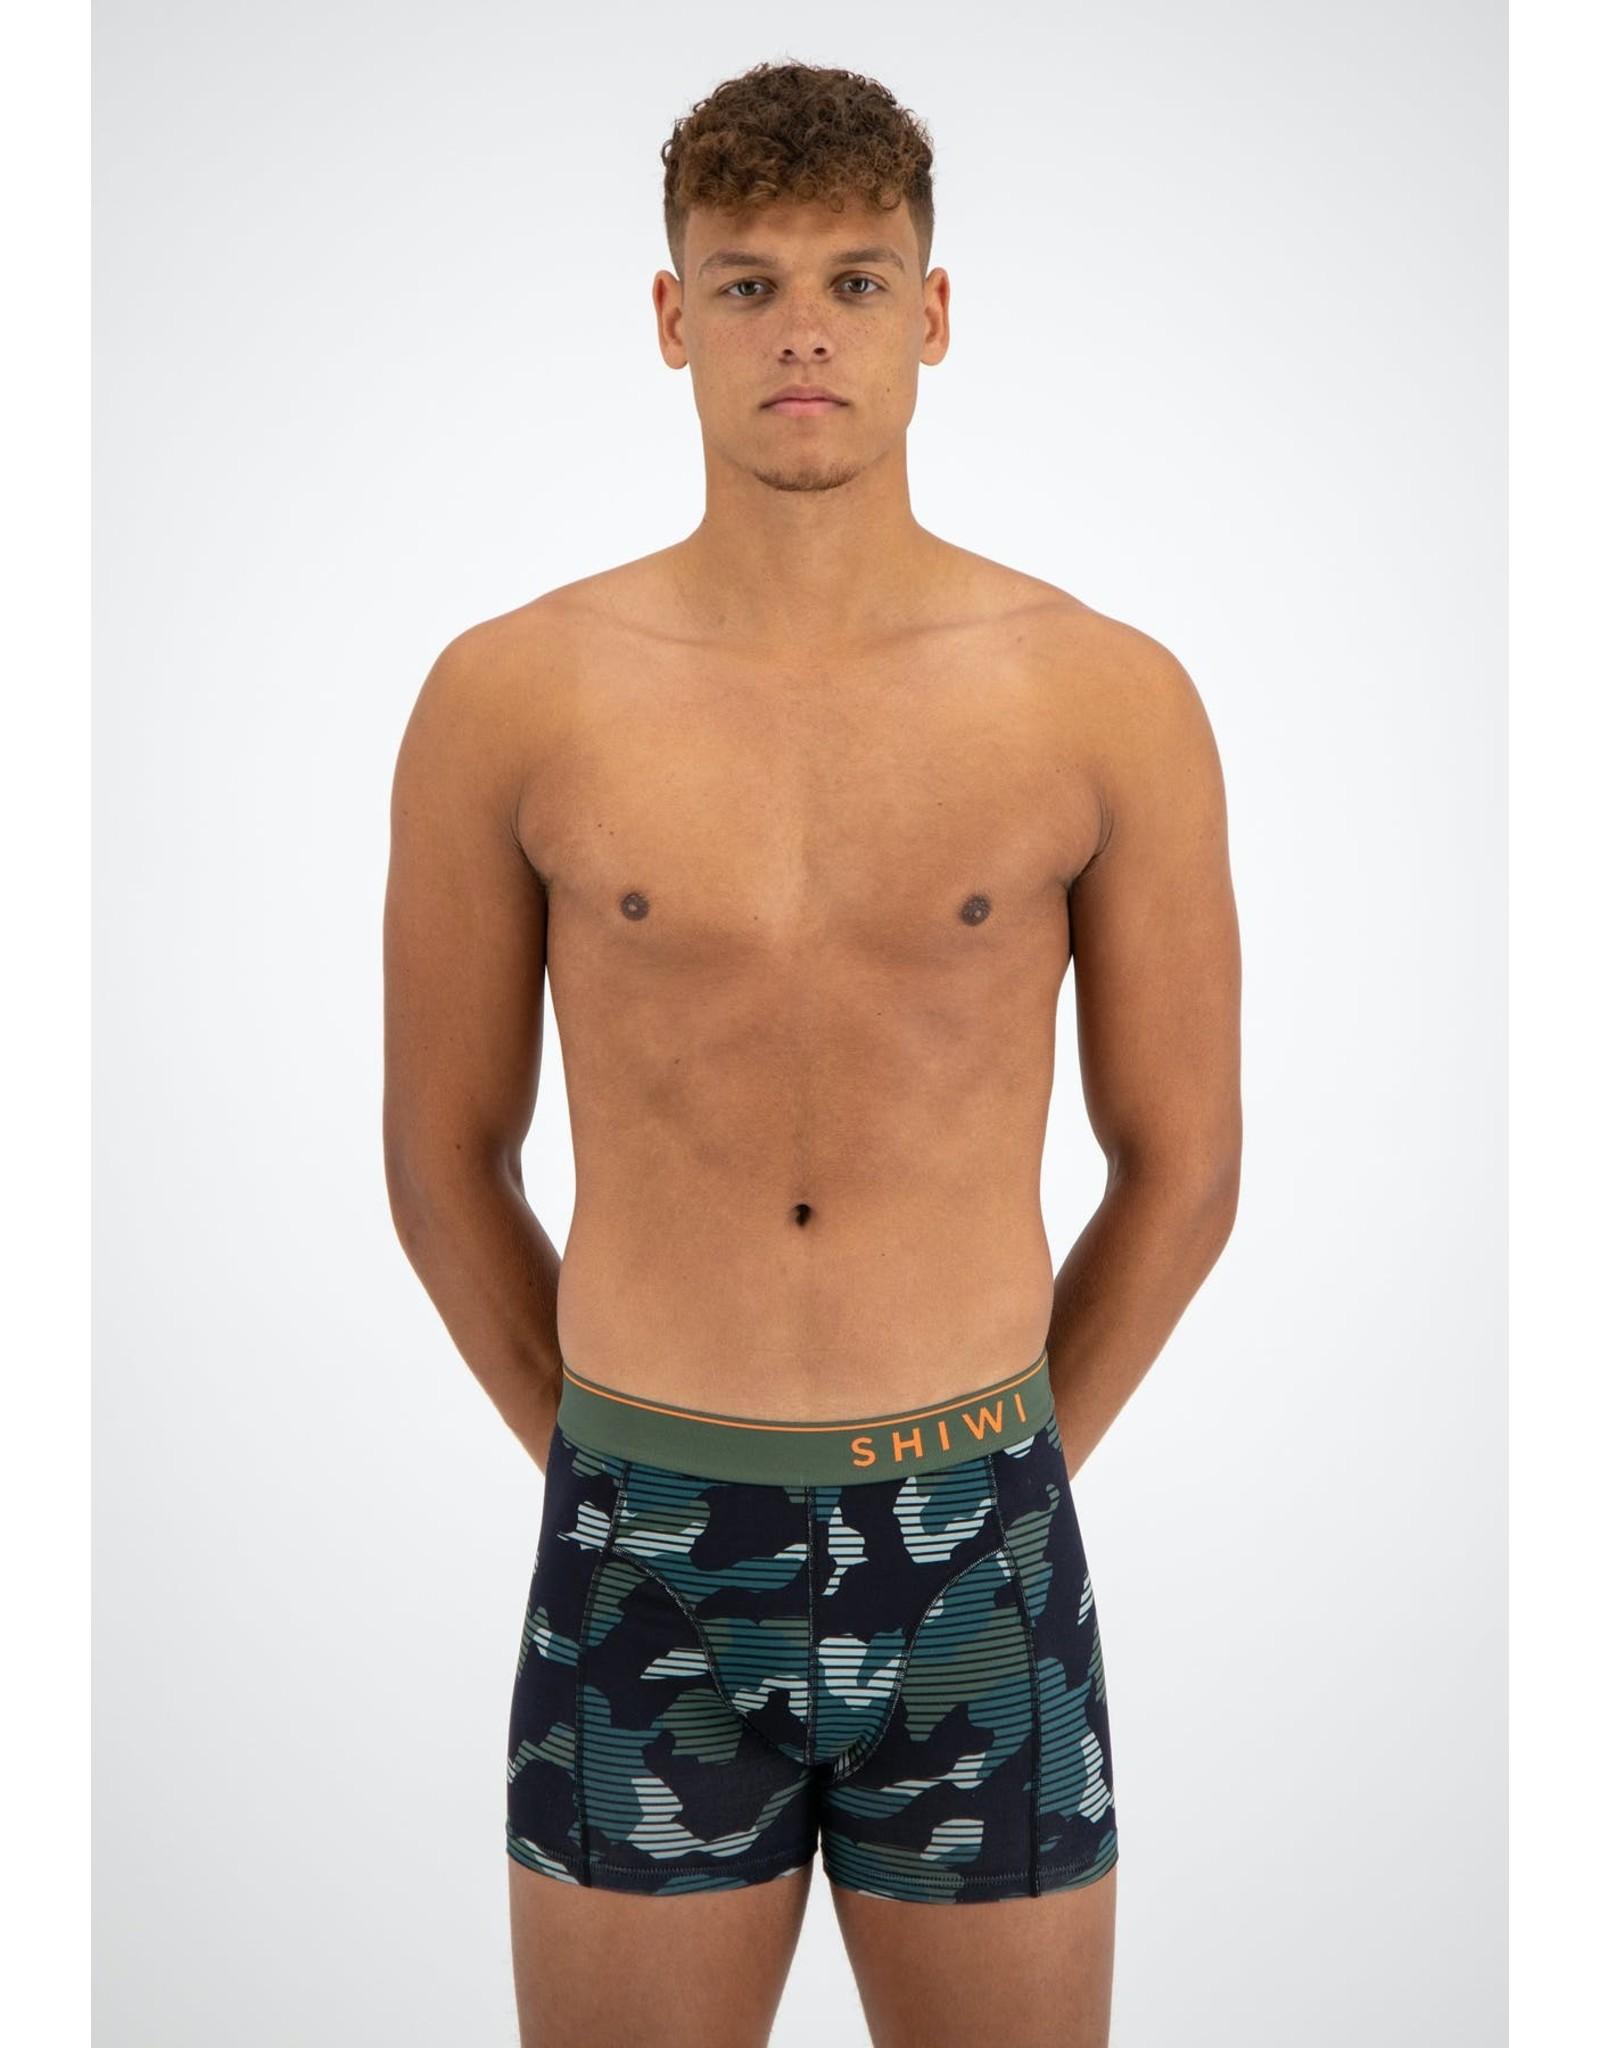 Shiwi Heren Boxershort Camouflage